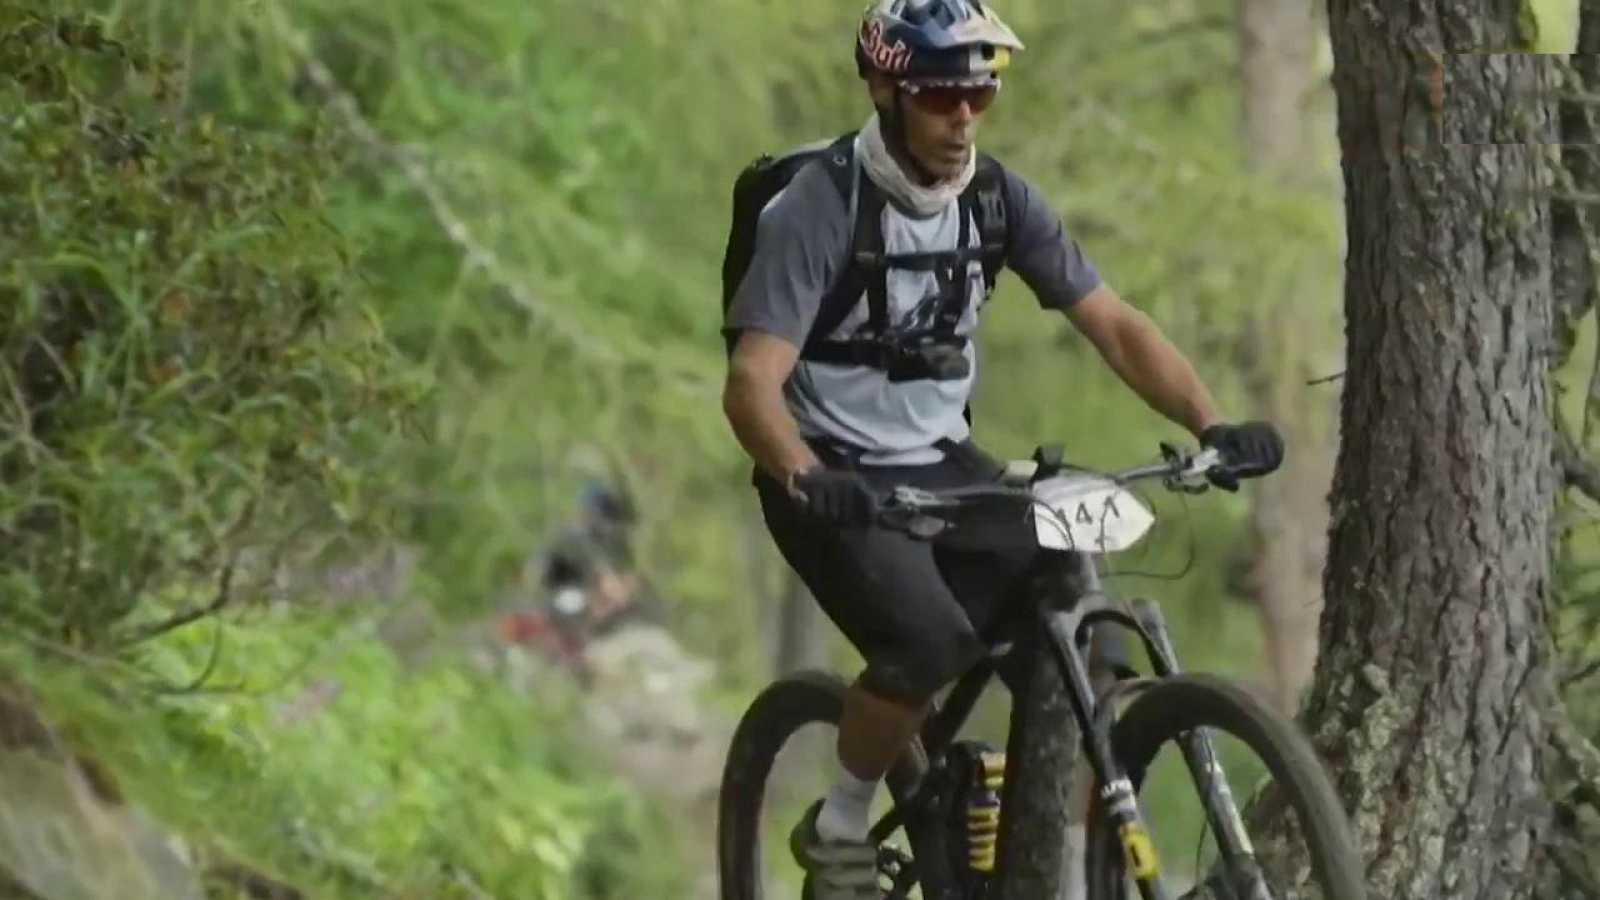 Va de Bikes - 2020 - Programa 7 - ver ahora